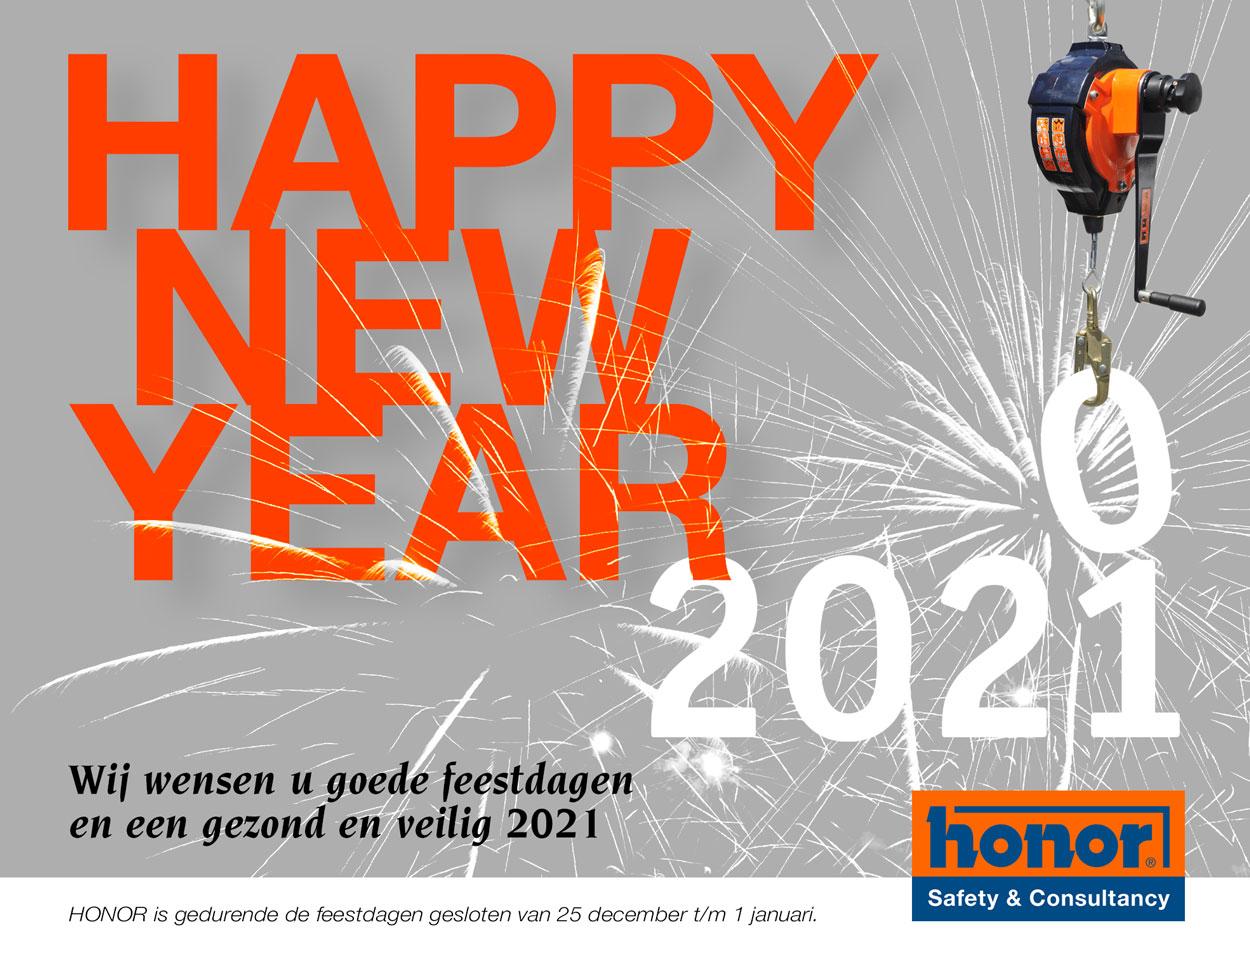 HappyNewYear-HONOR-Safety-2020-2021